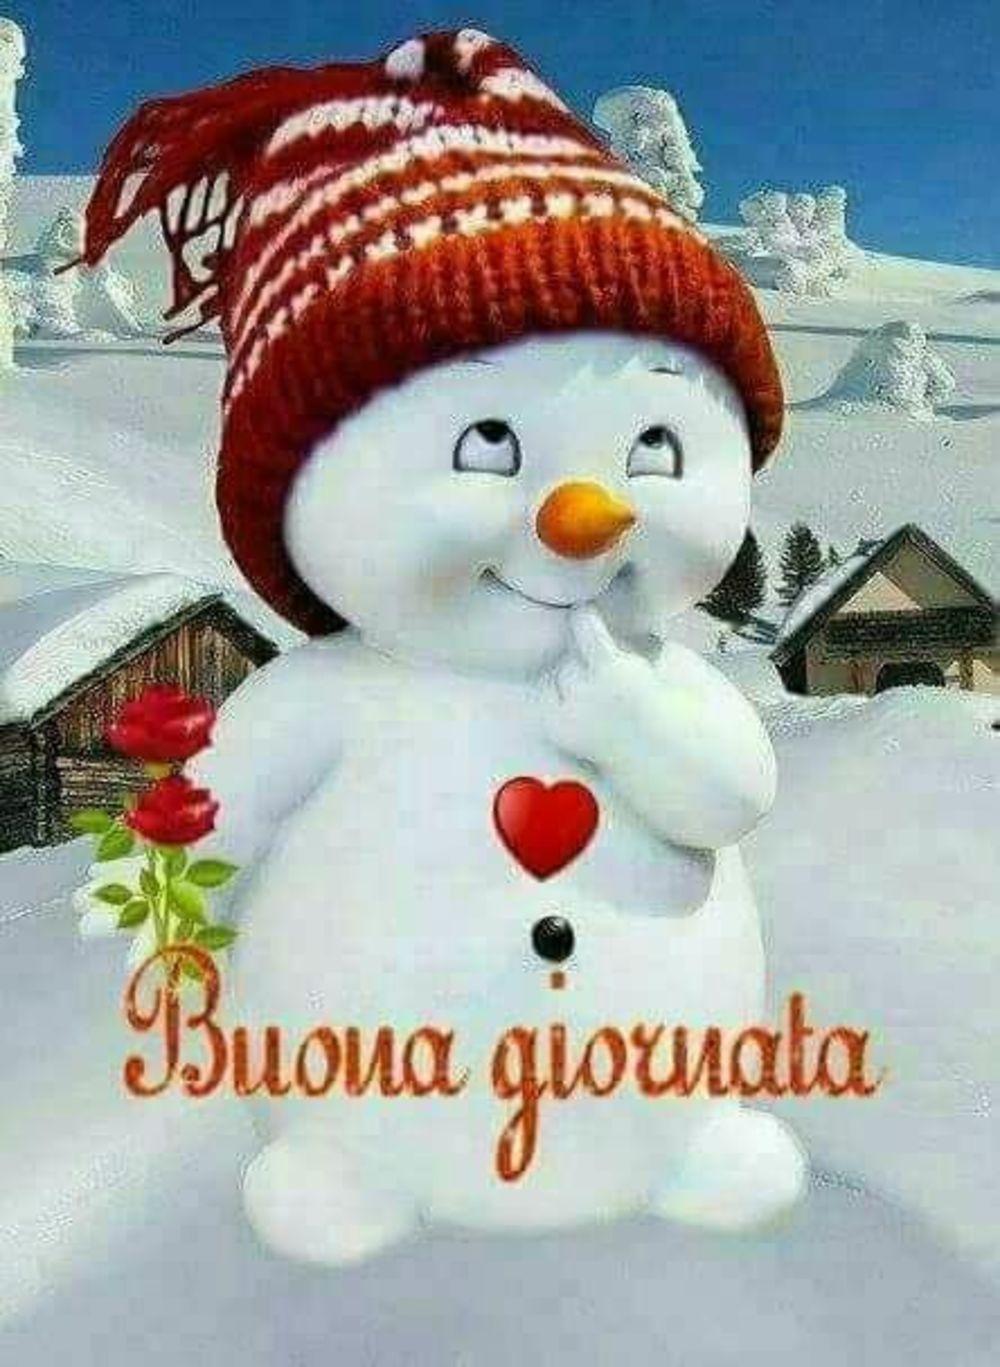 Foto Buongiorno Con La Neve.Buona Giornata Pupazzo Di Neve Cute Cards Good Morning Christmas Time